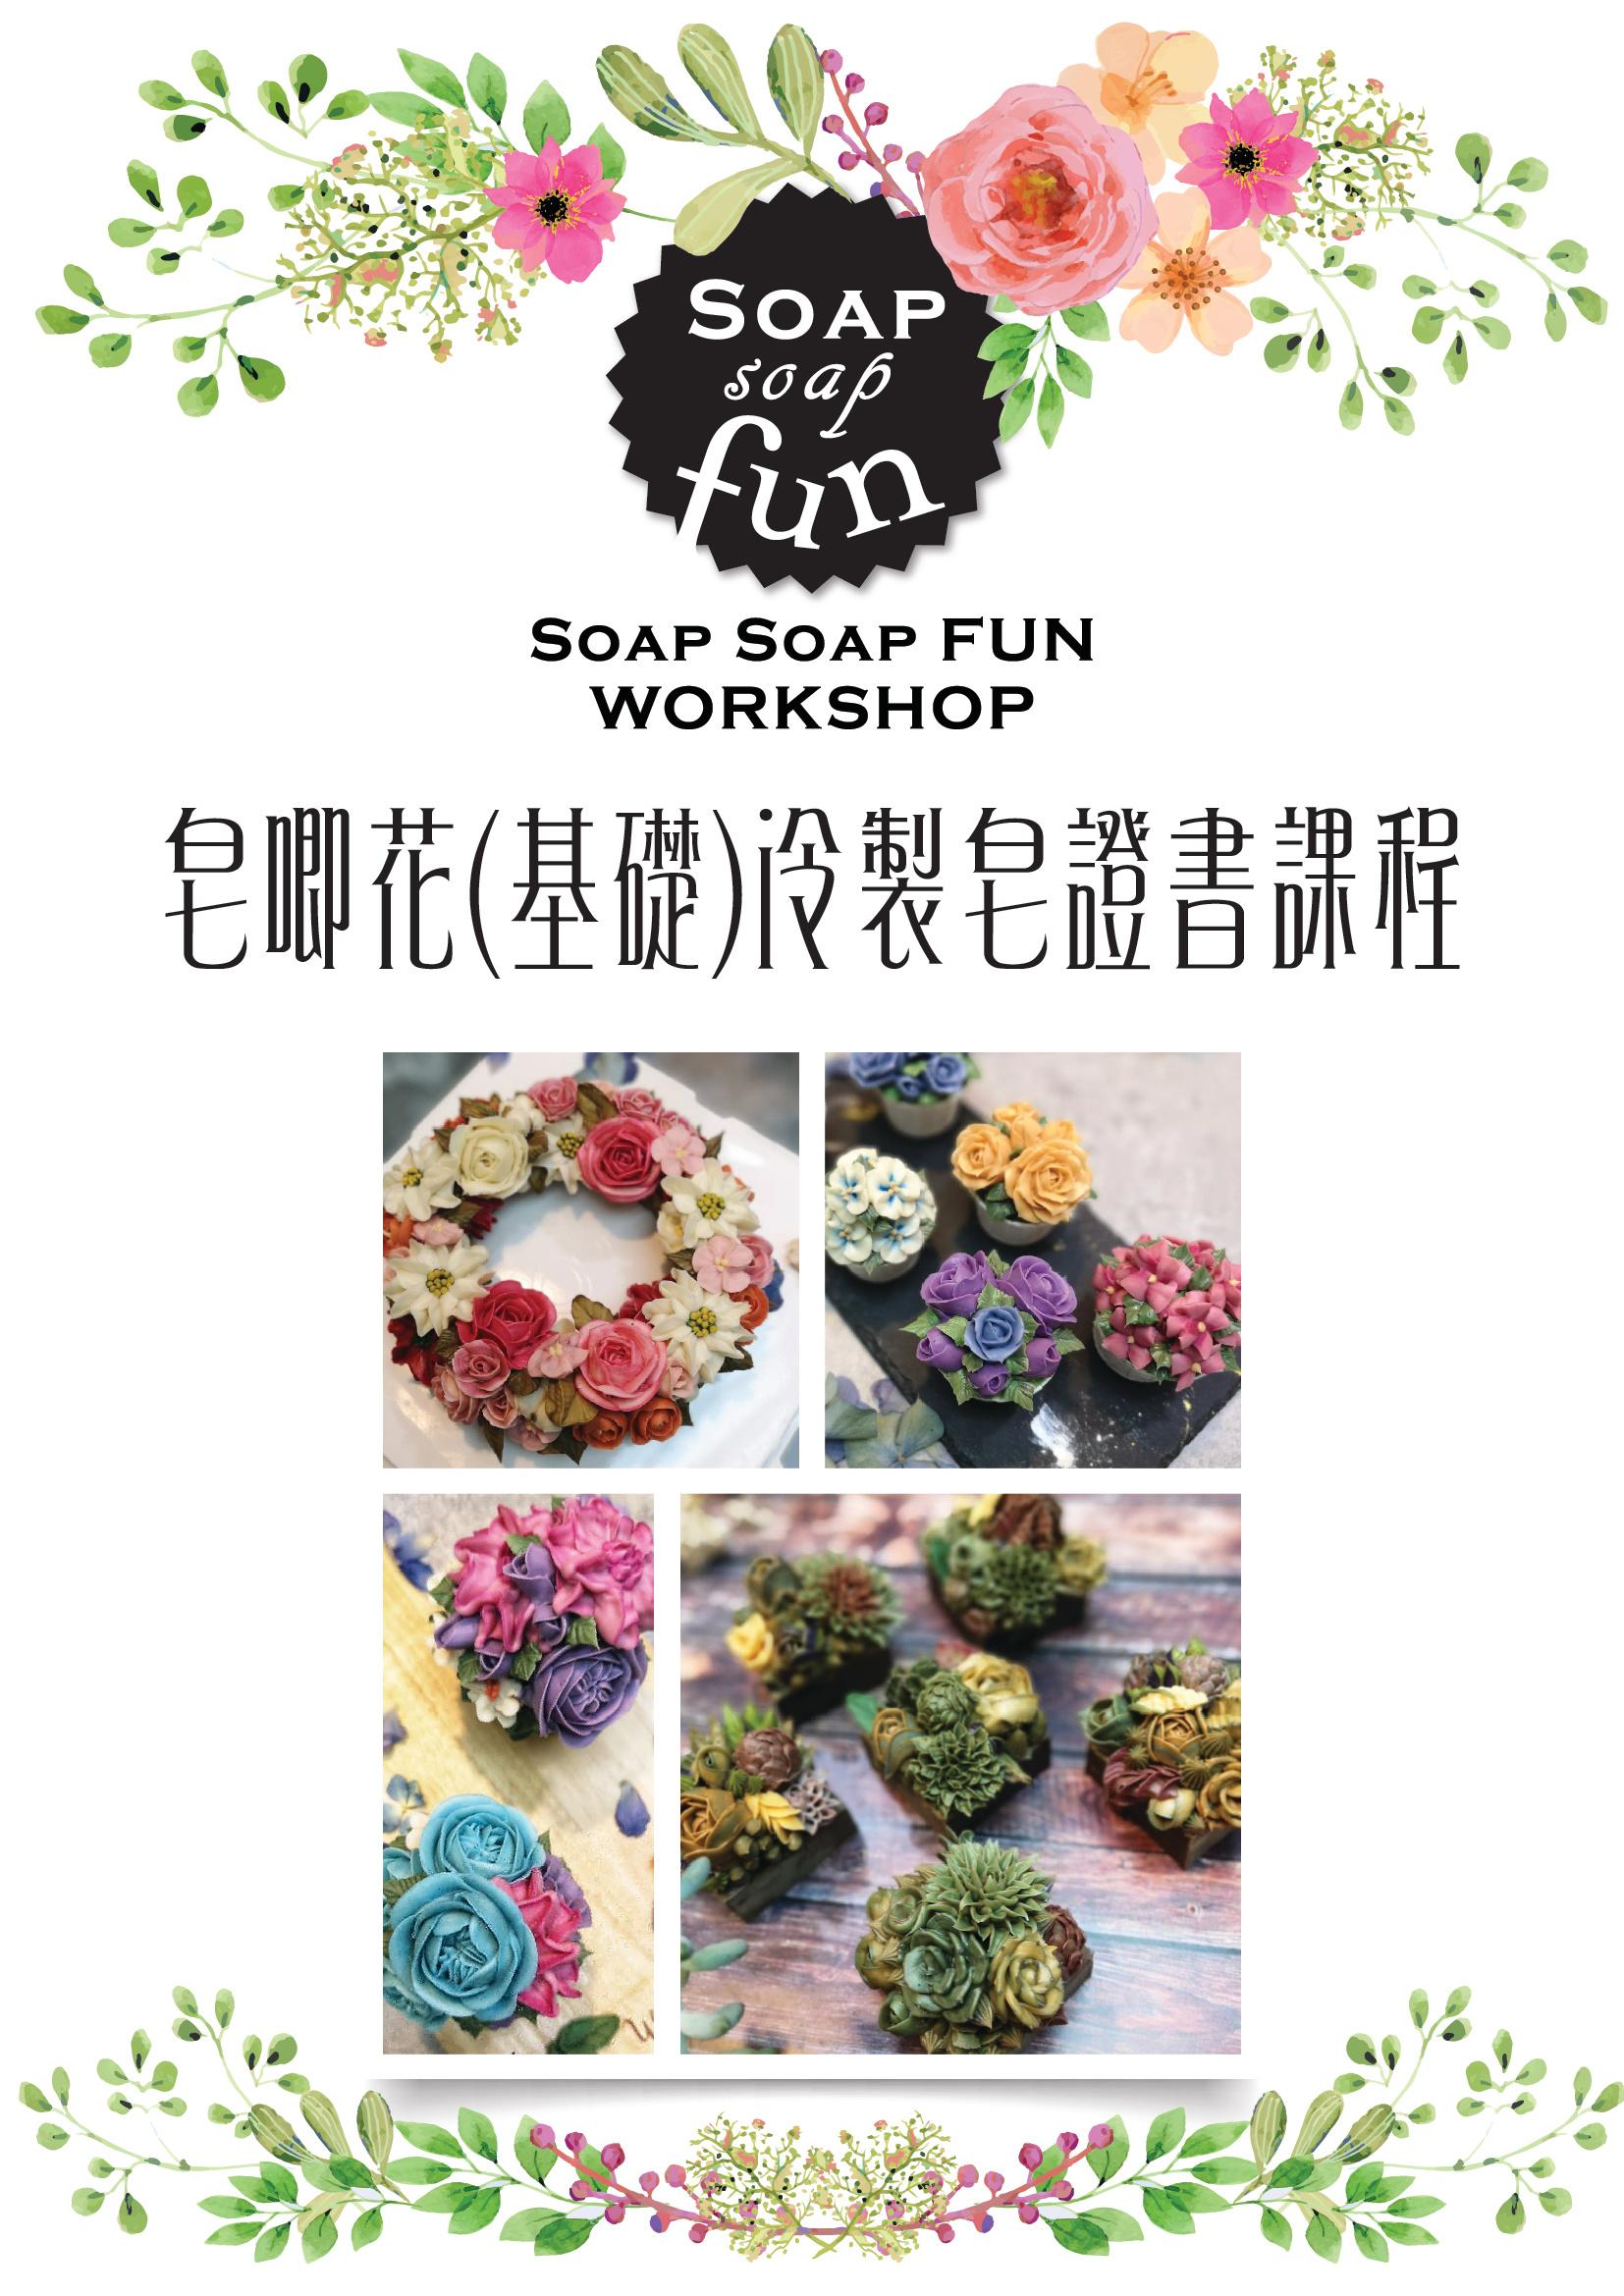 皂唧花(基礎)冷製皂證書課程